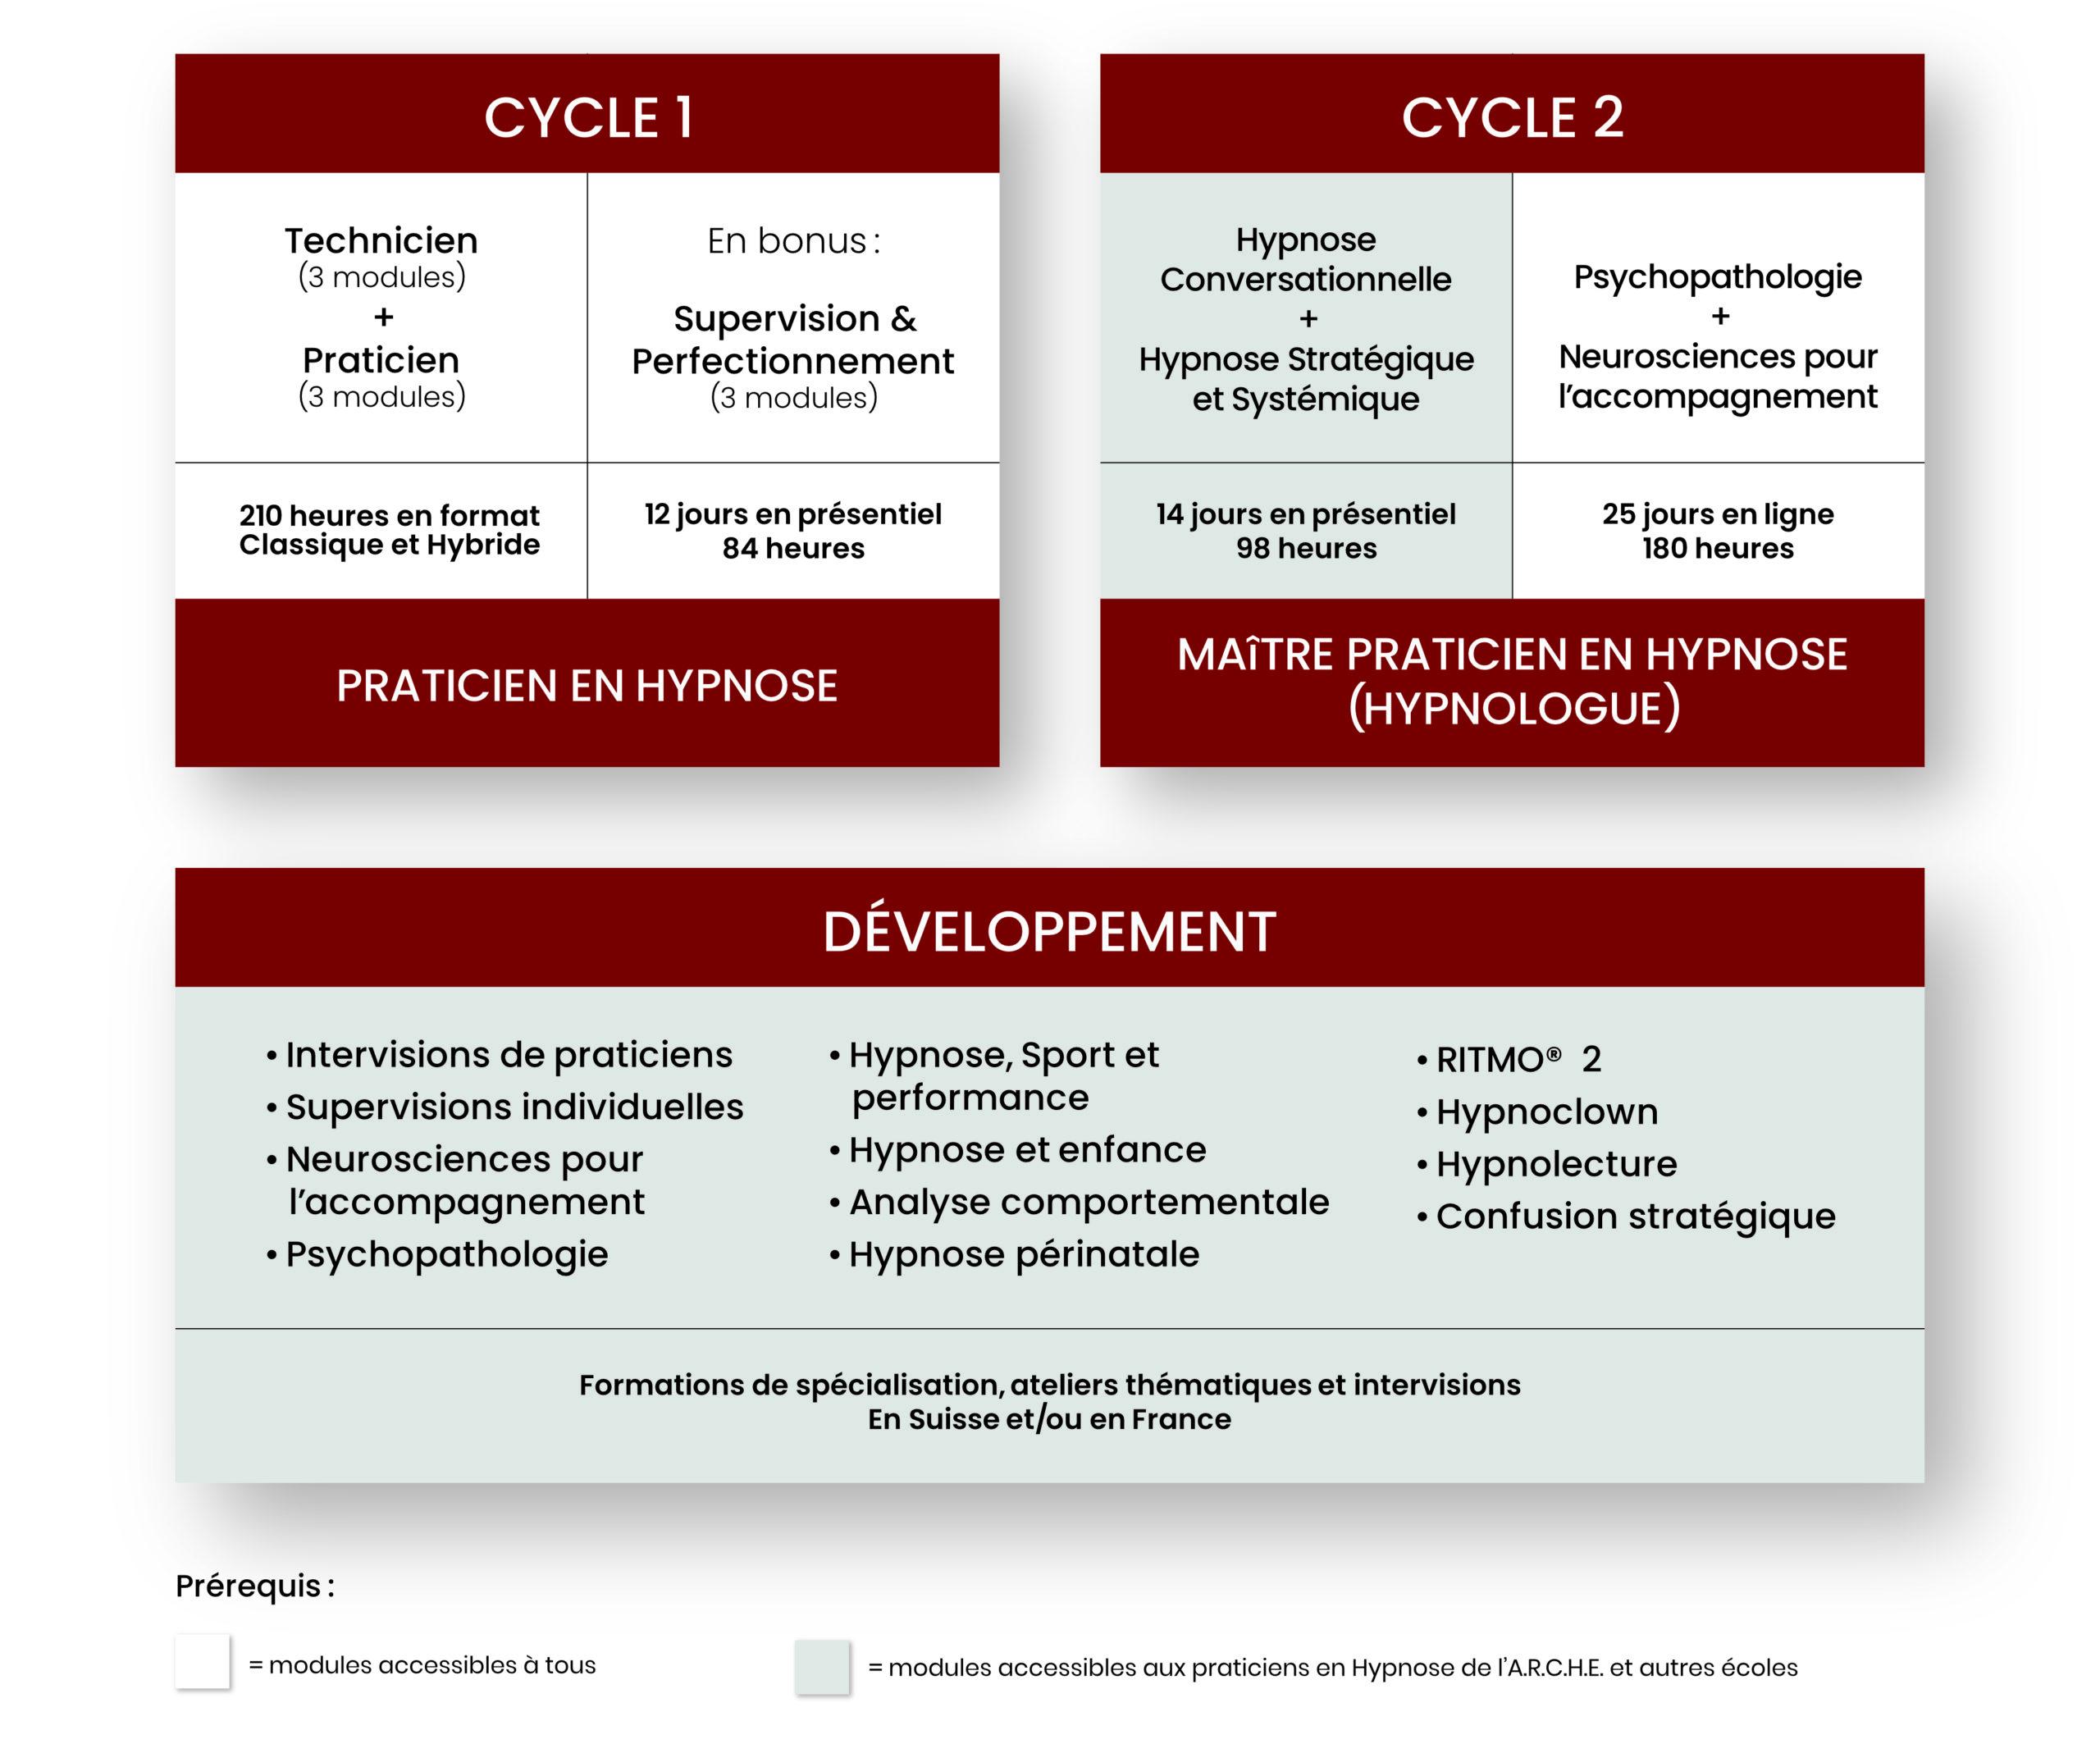 Schéma-présentation-formations